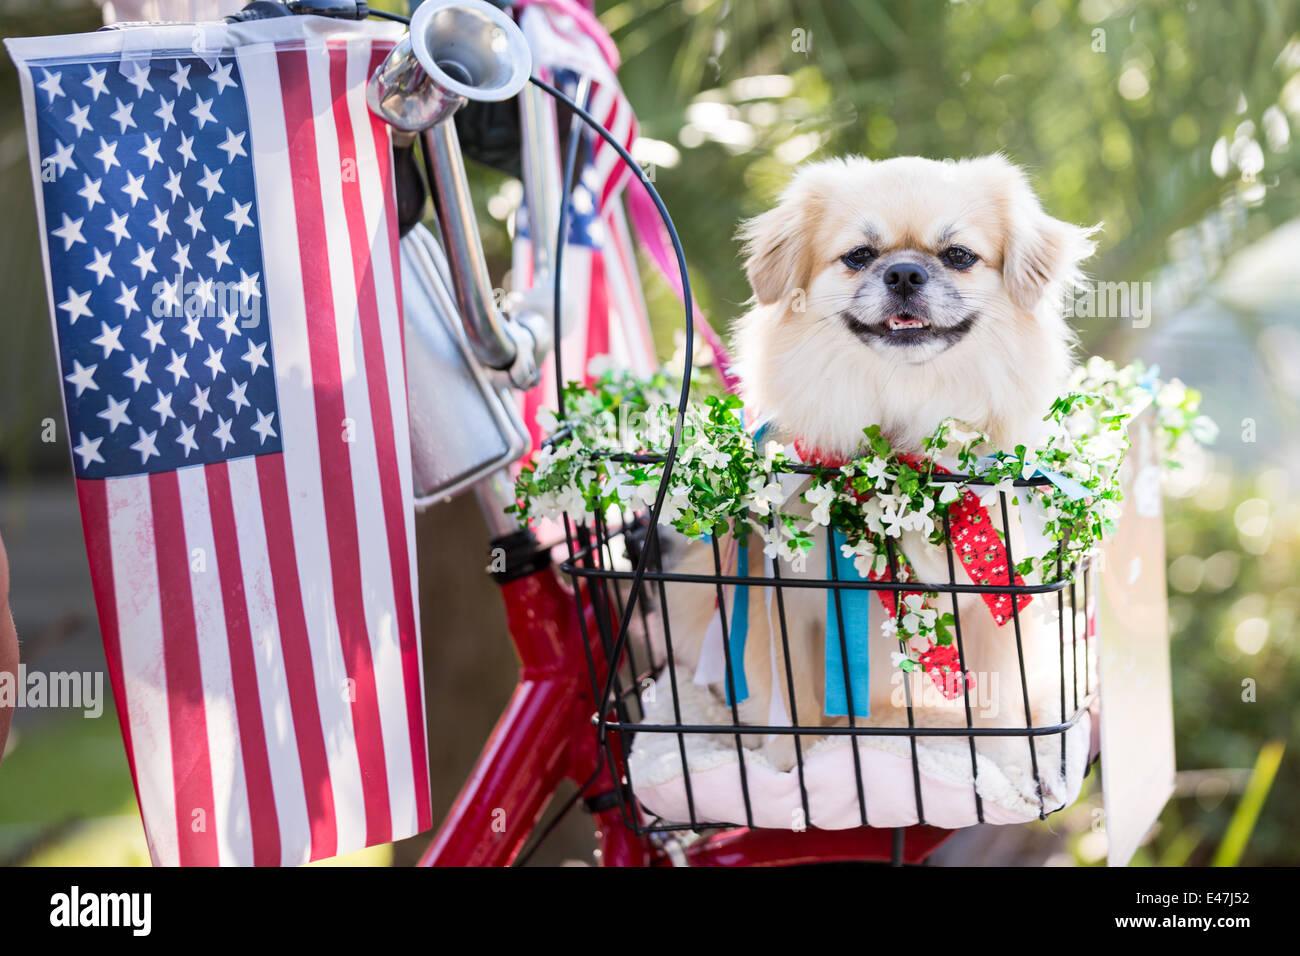 Un cane passa in un cestino bici decorate con bandiere durante l'I'sulla comunità Independence Day Immagini Stock